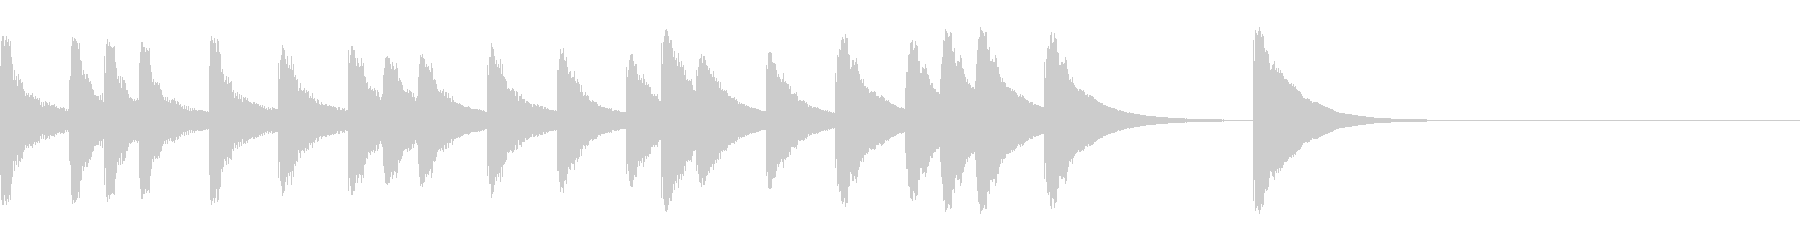 すこし間を持たせるジングル6秒の未再生の波形